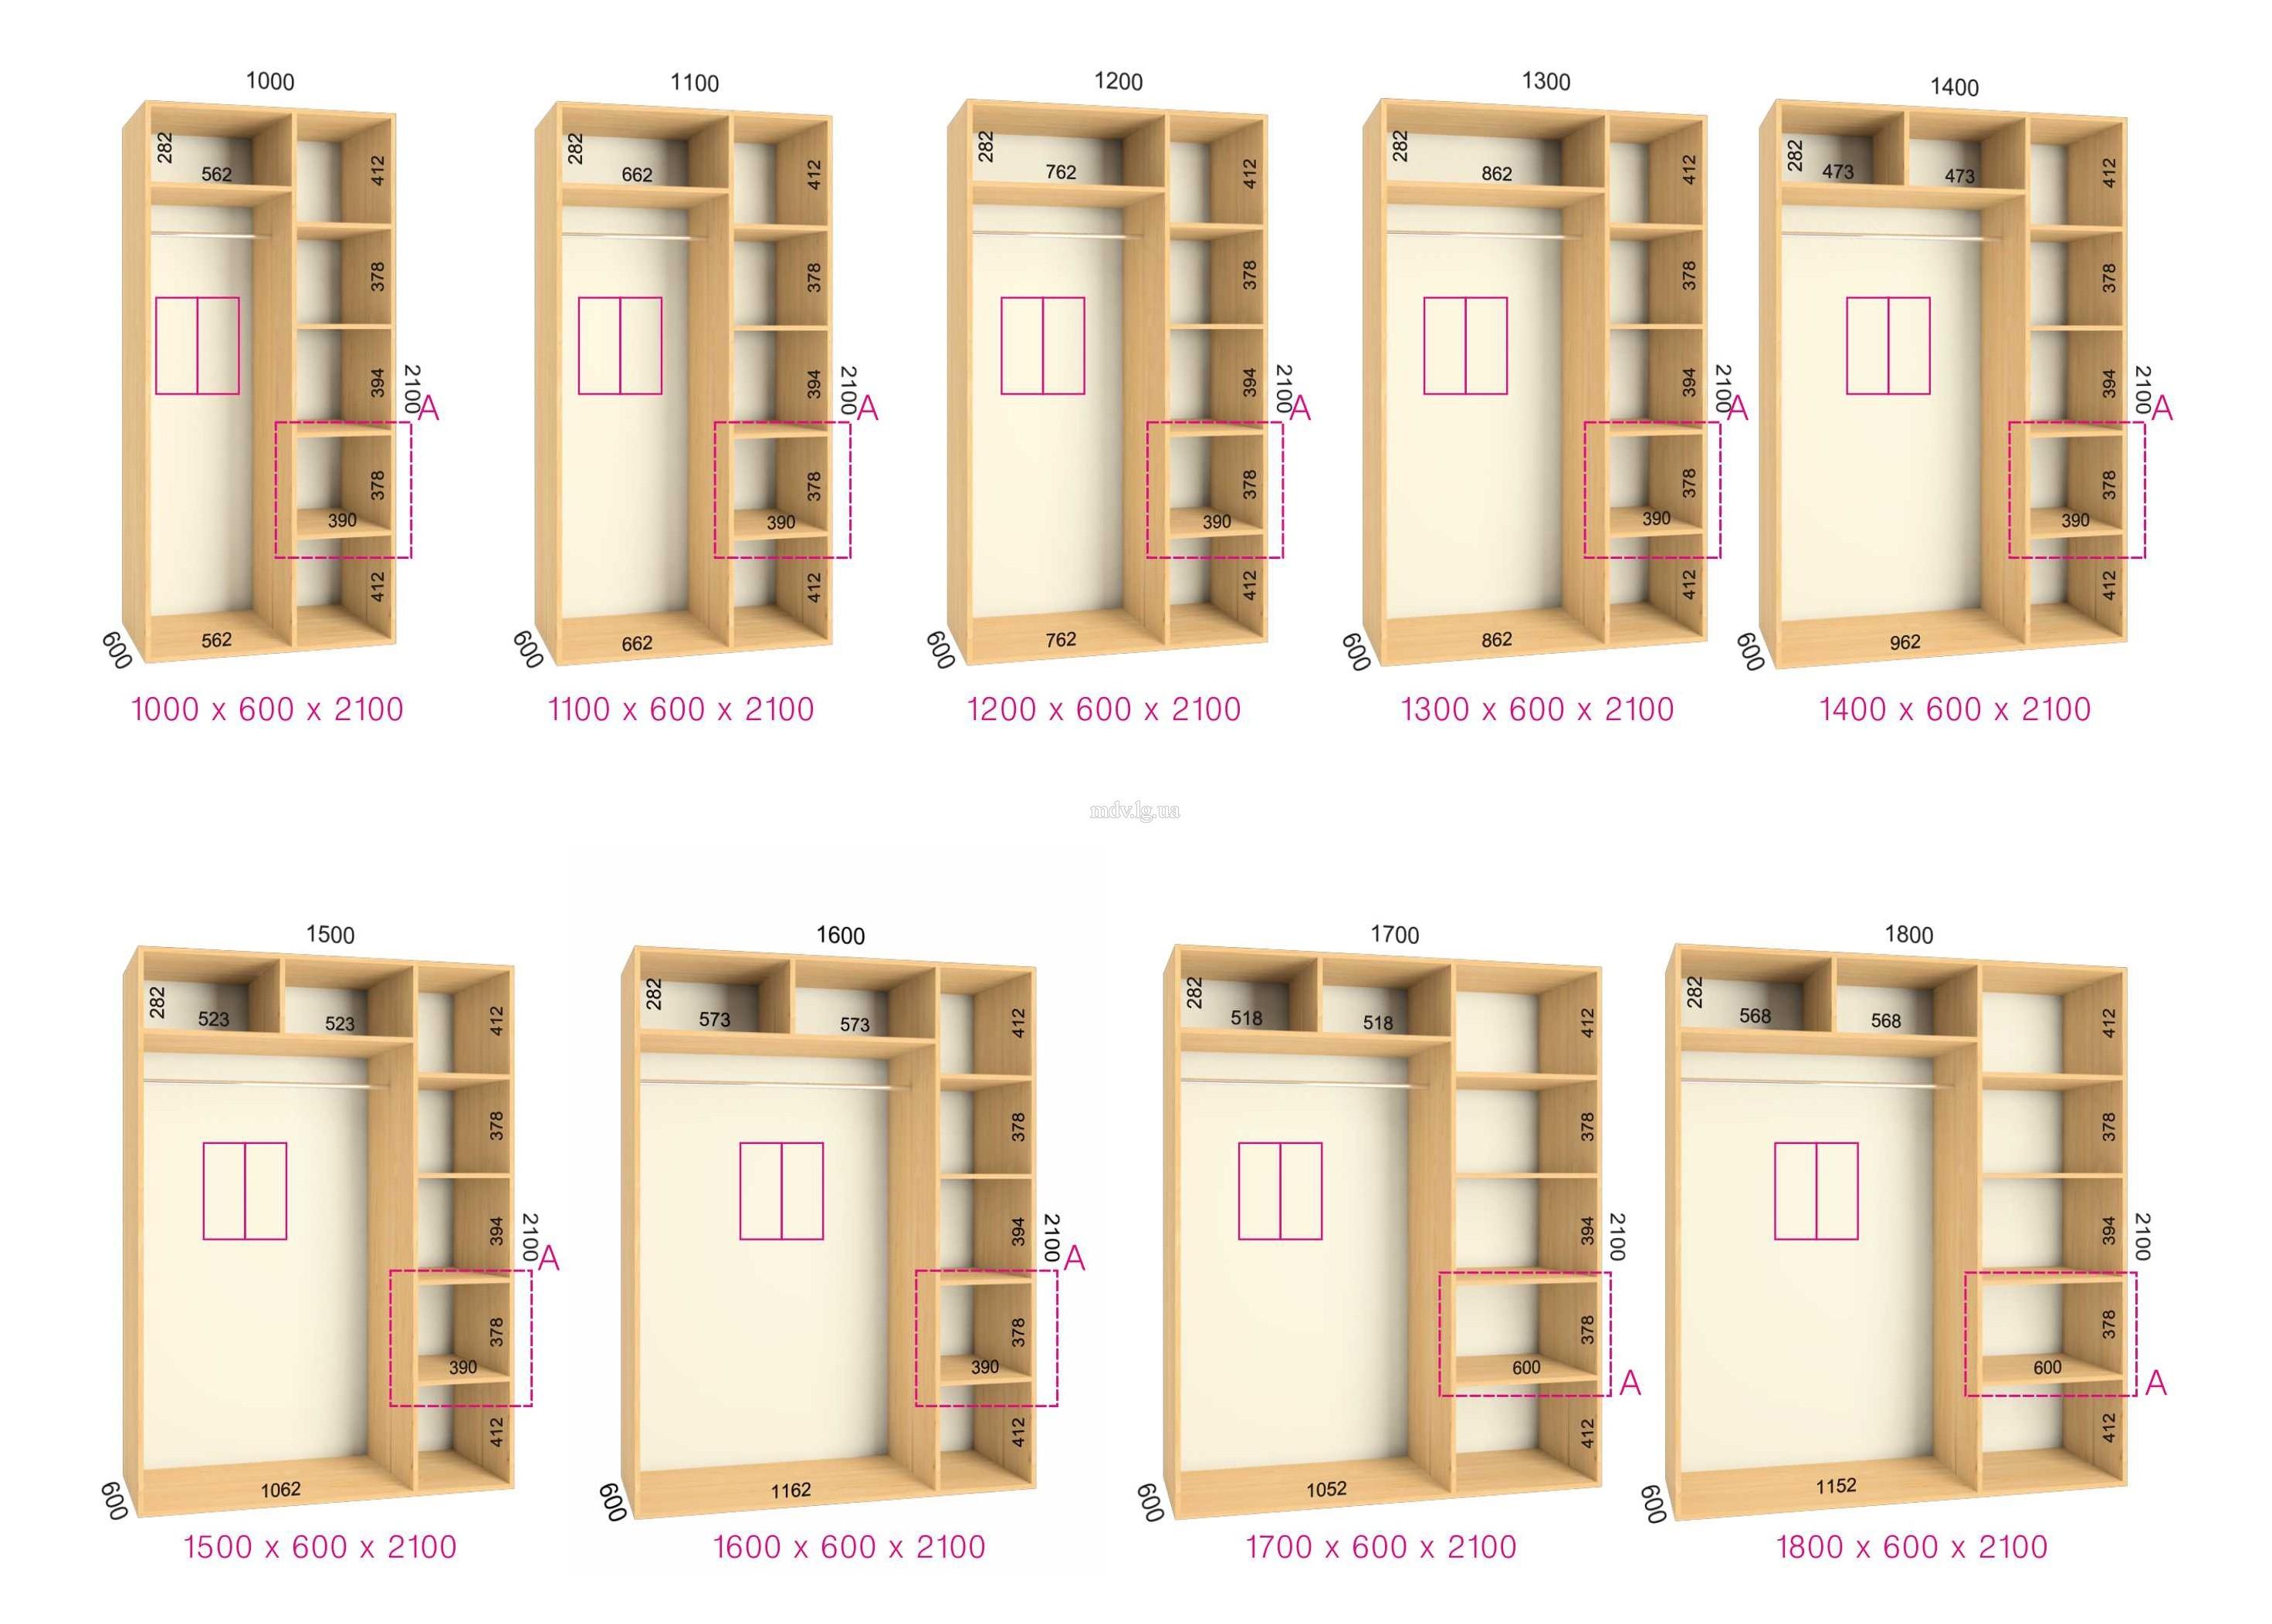 Фабричные 2-3 дверные шкафы-купе со стандартным наполнением.